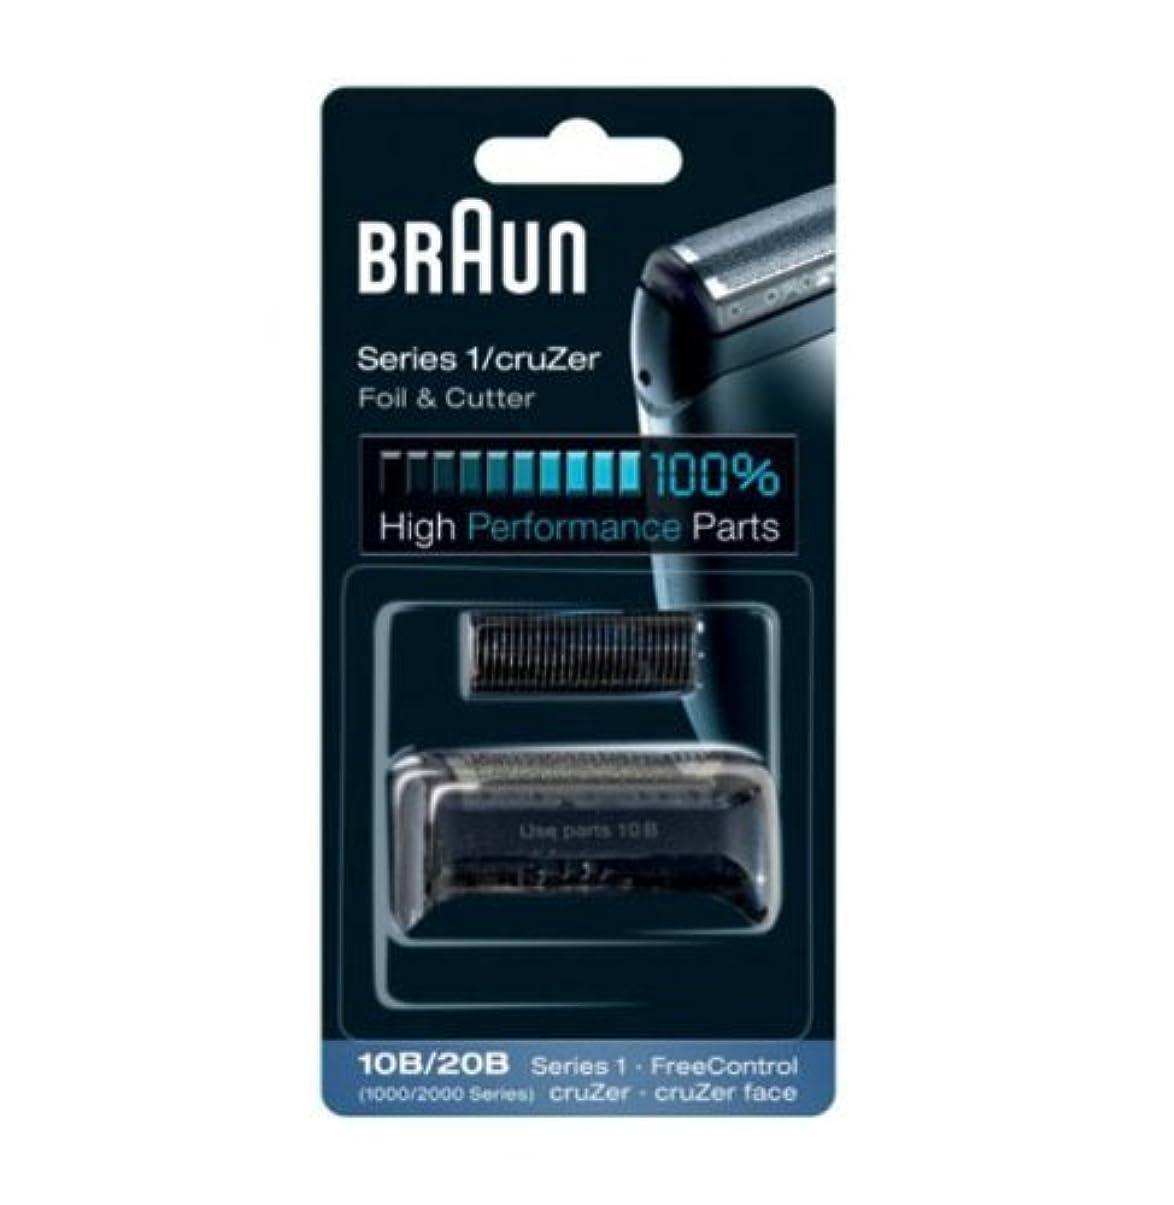 襲撃うまくいけばクモBraun Replacement Foil & Cutter - 10B, Series 1,FreeControl - 1000 Series by Braun [並行輸入品]